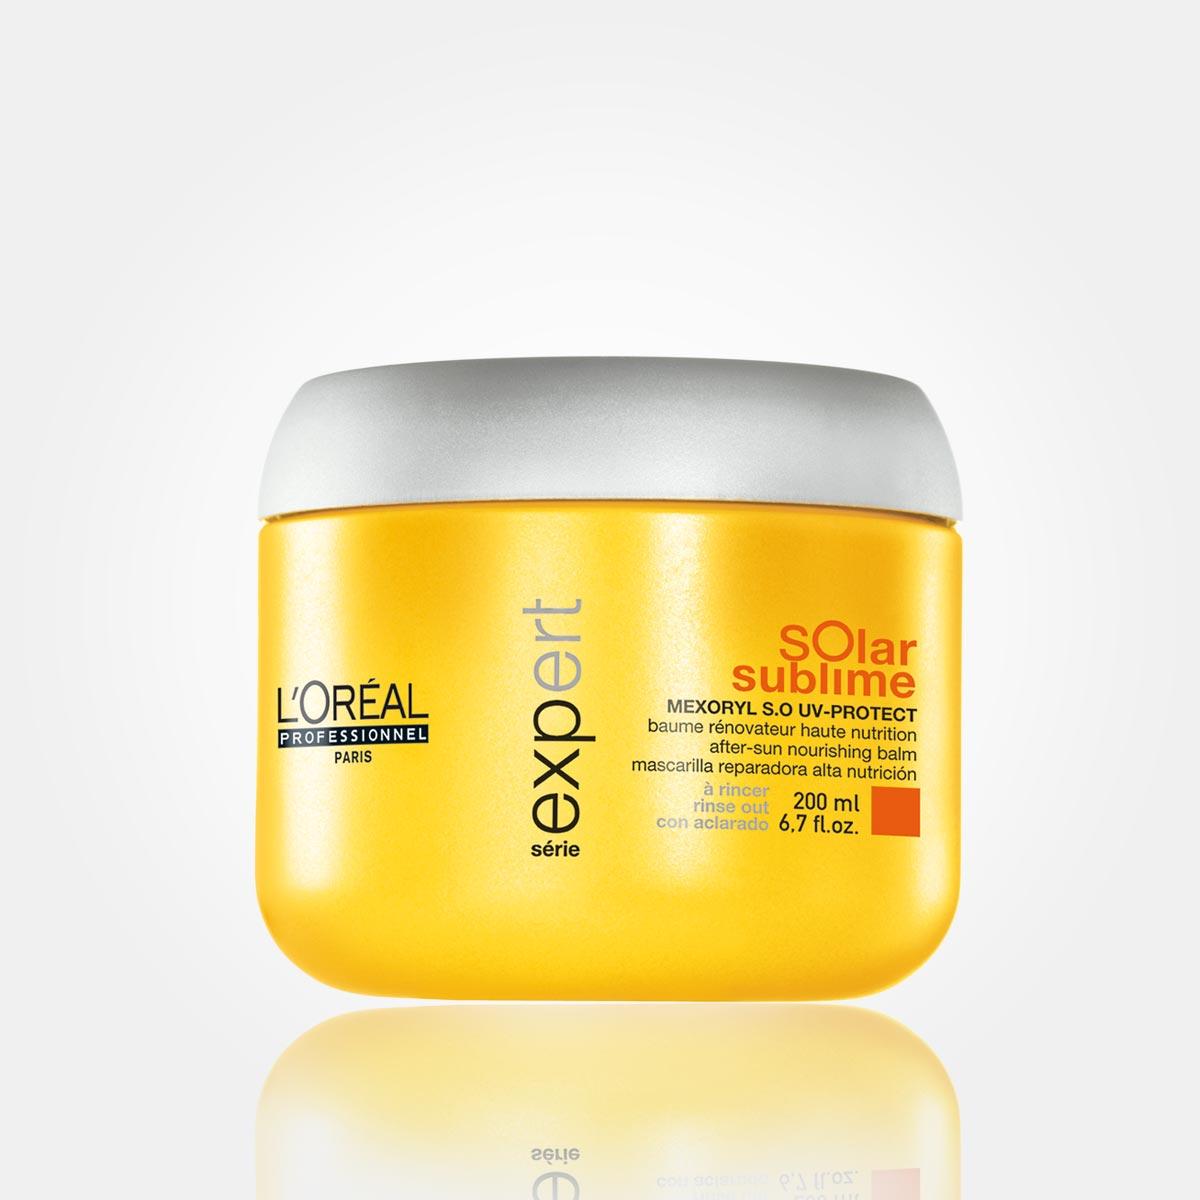 Maska zo špeciálneho radu letnej vlasovej kozmetiky Solar Sublime od L'Oréal Professionnel